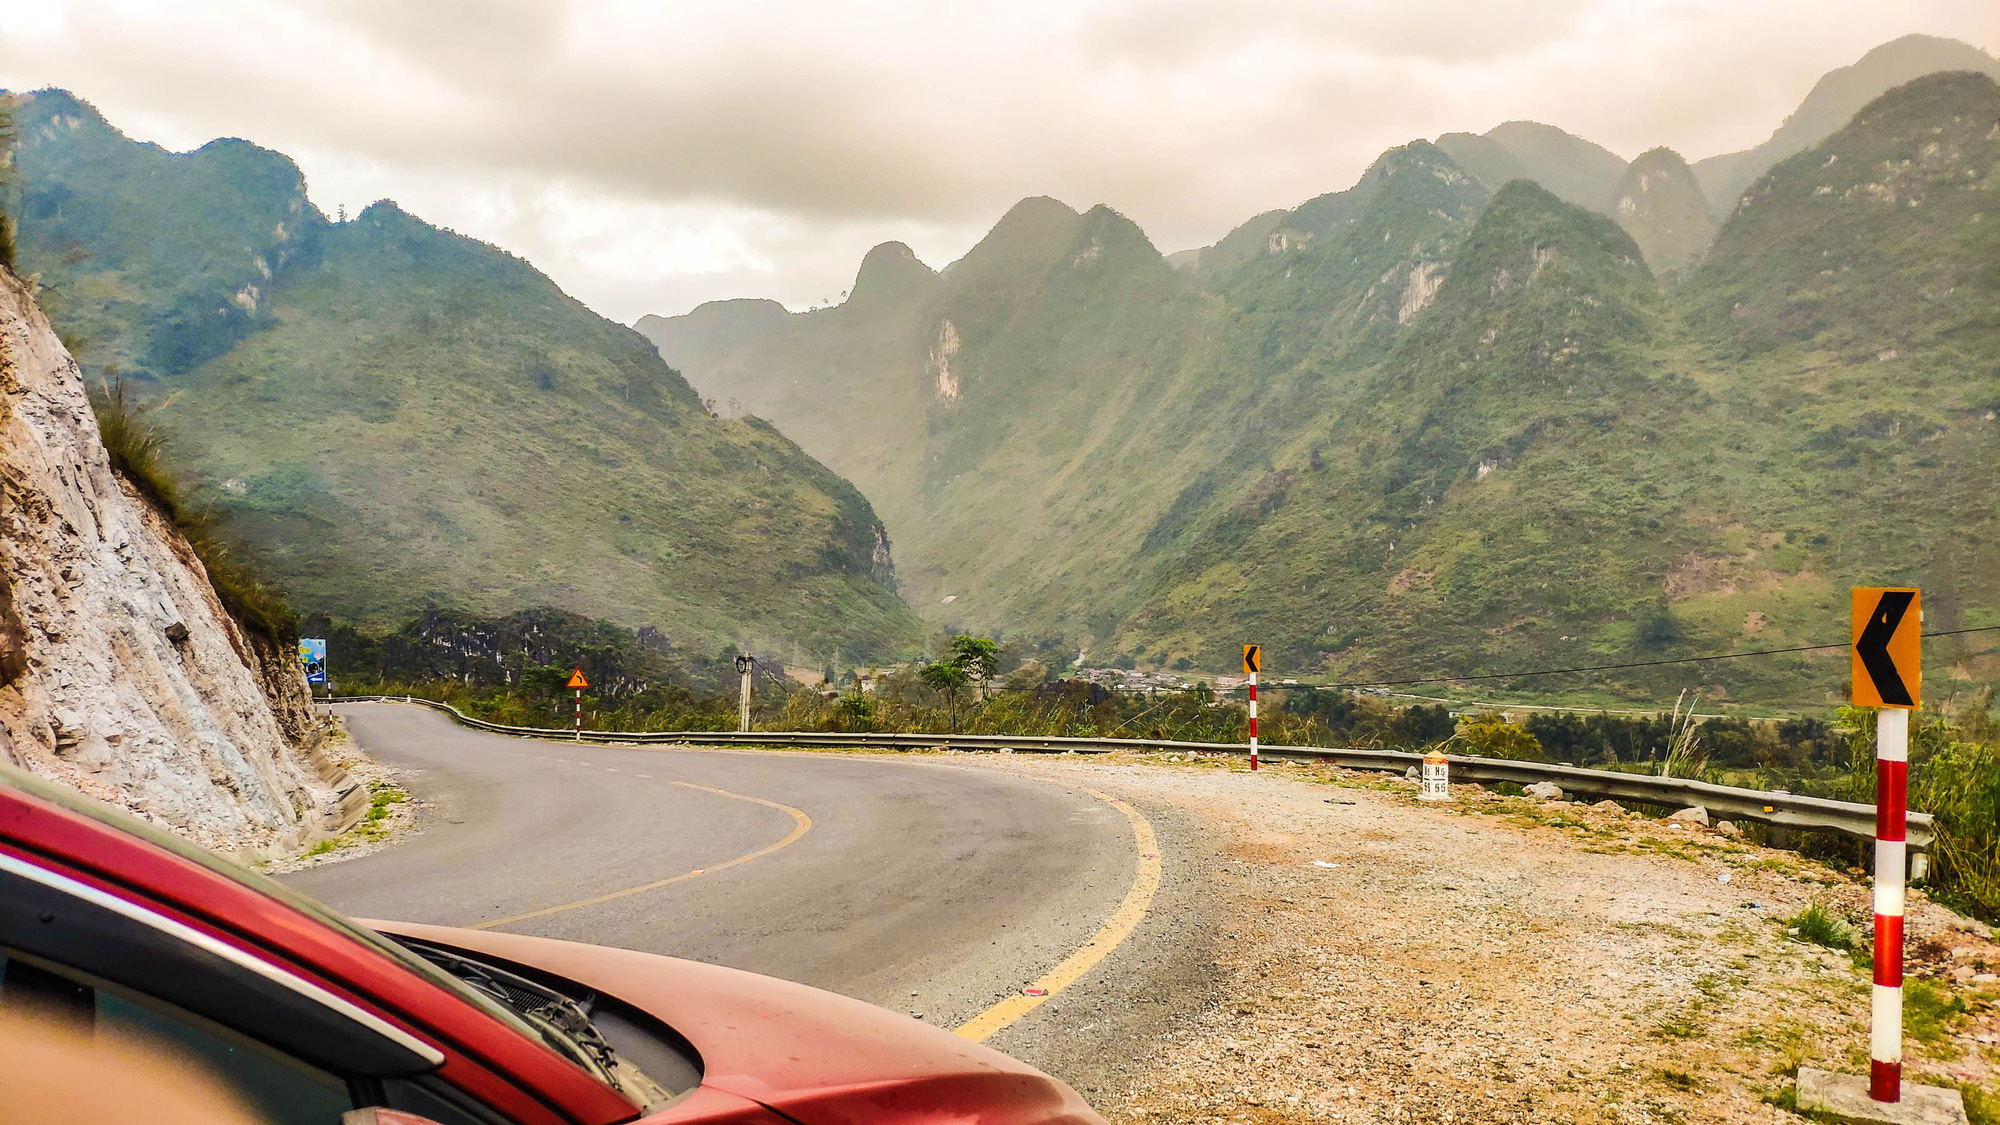 Lái Mazda 2 đi xuyên Việt, chủ xe chia sẻ ngỡ ngàng - Ảnh 8.